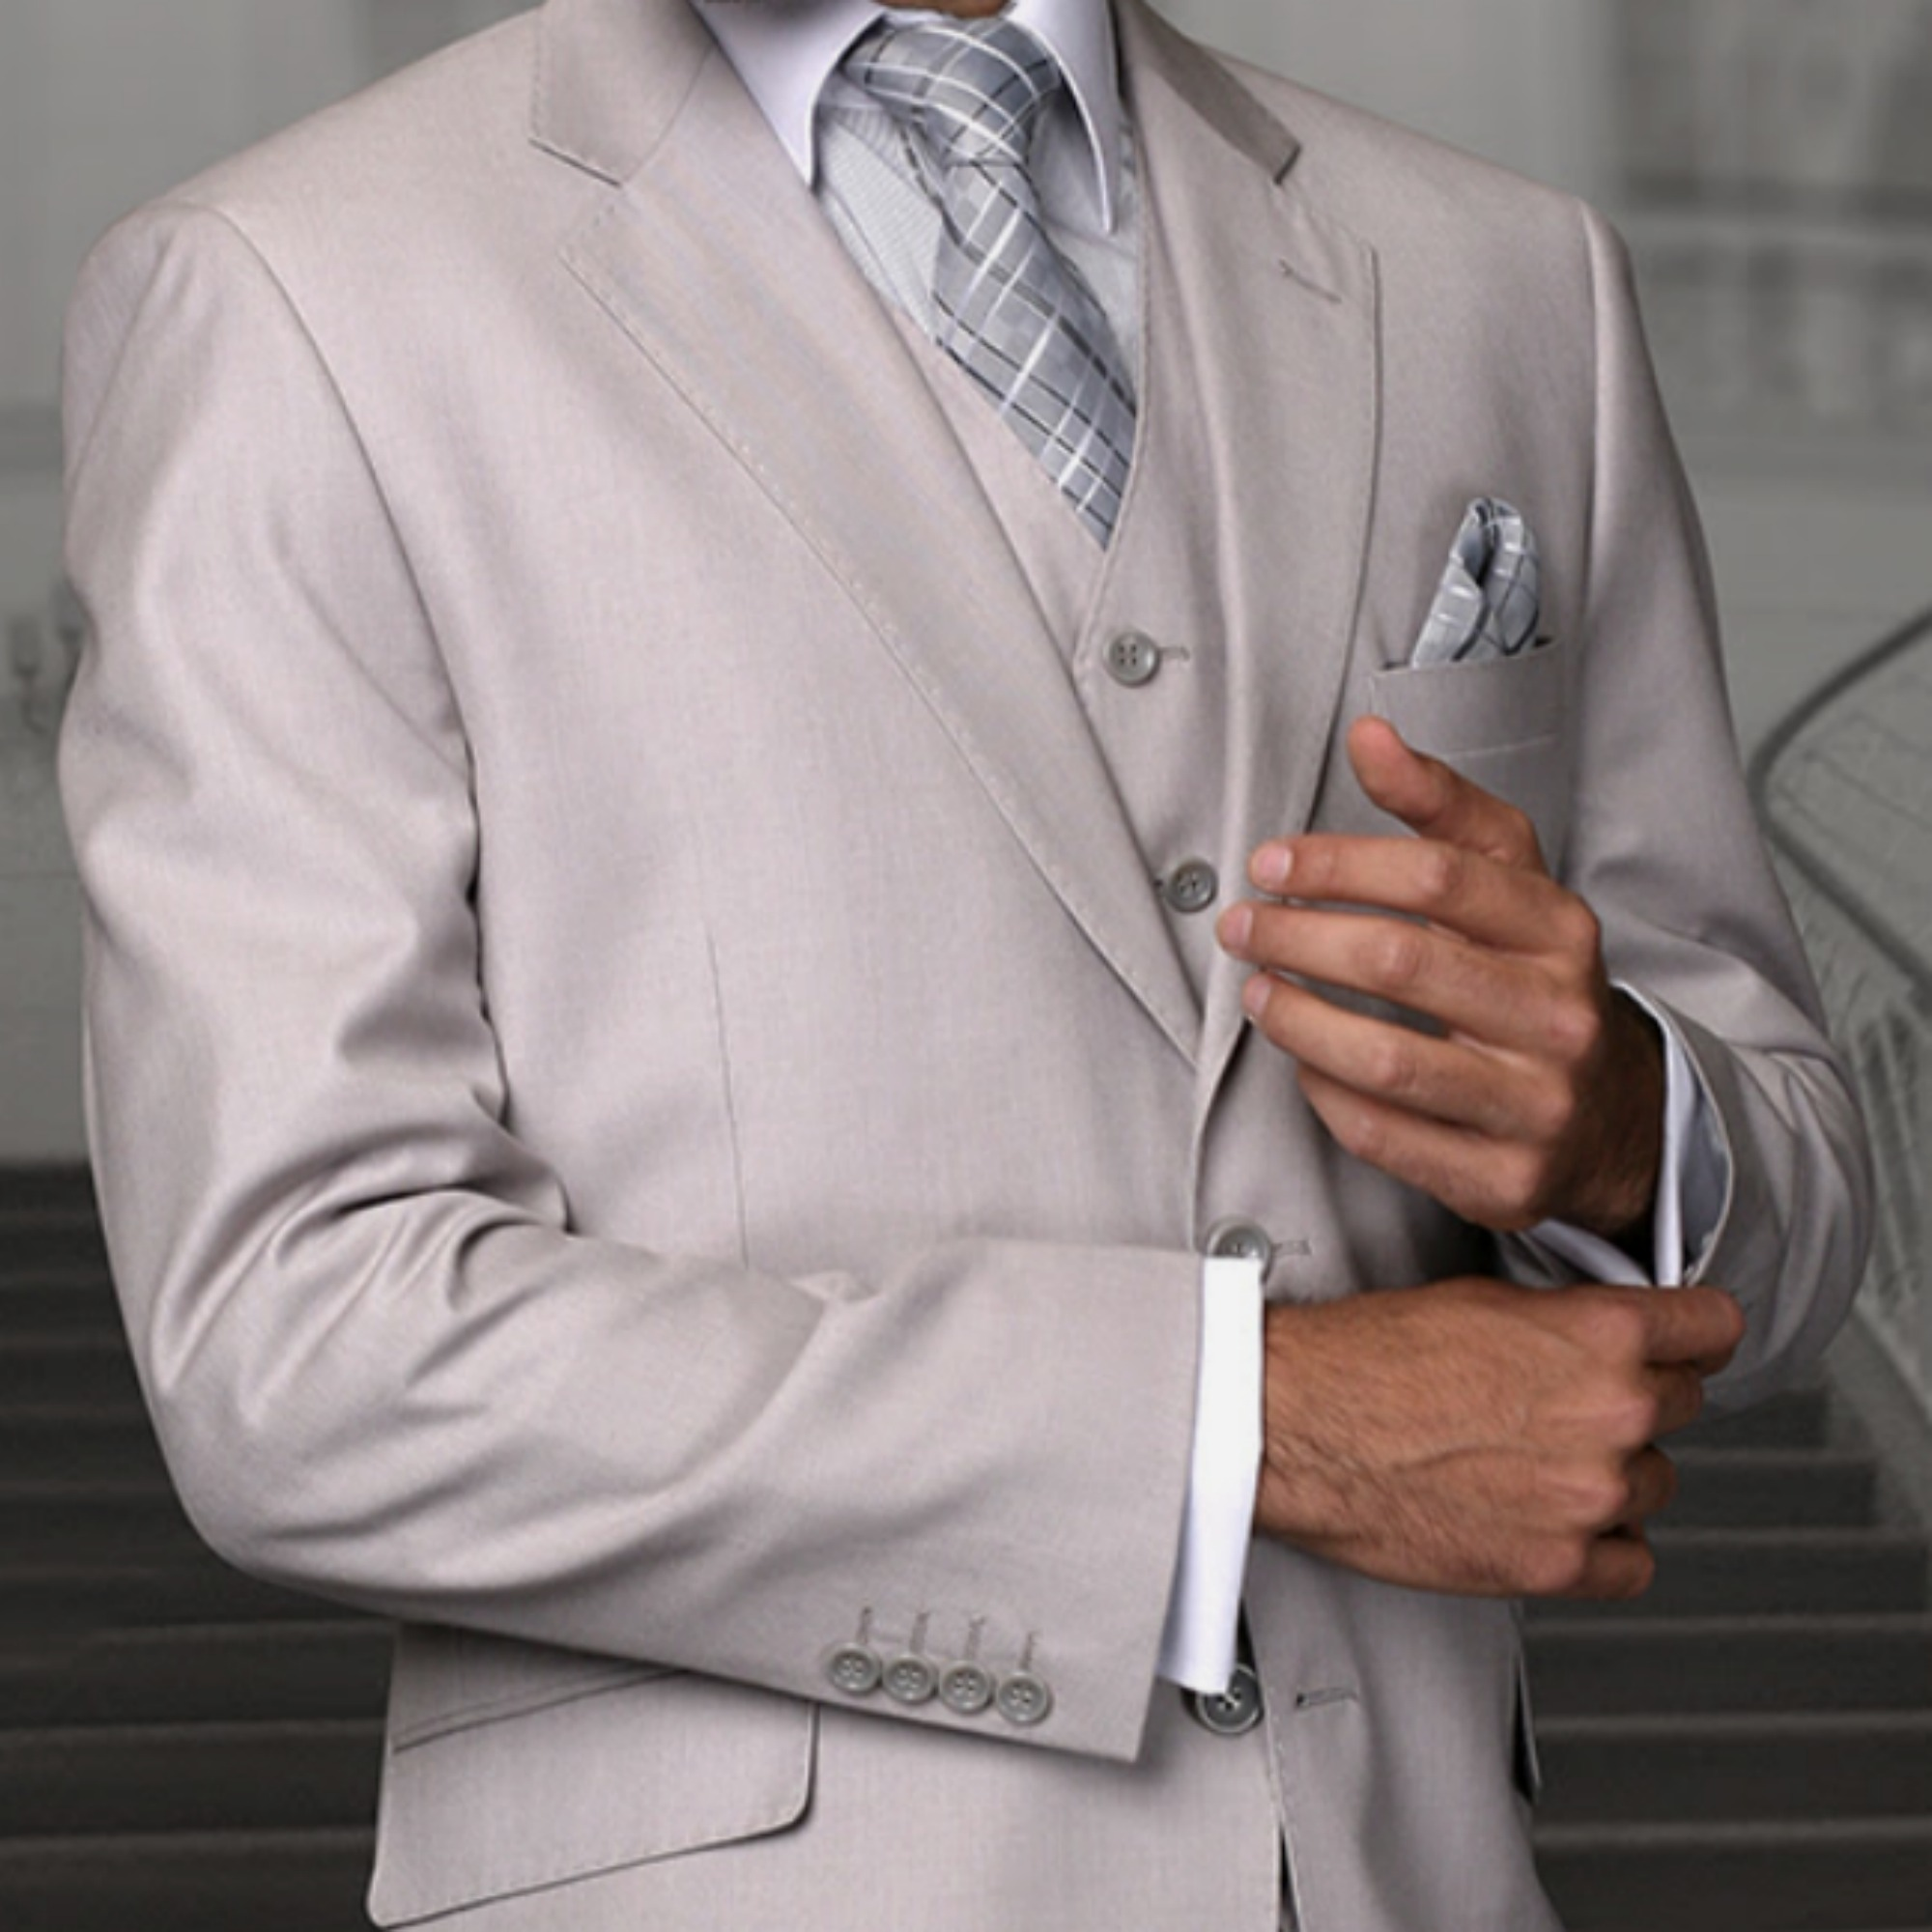 Unique colored suits